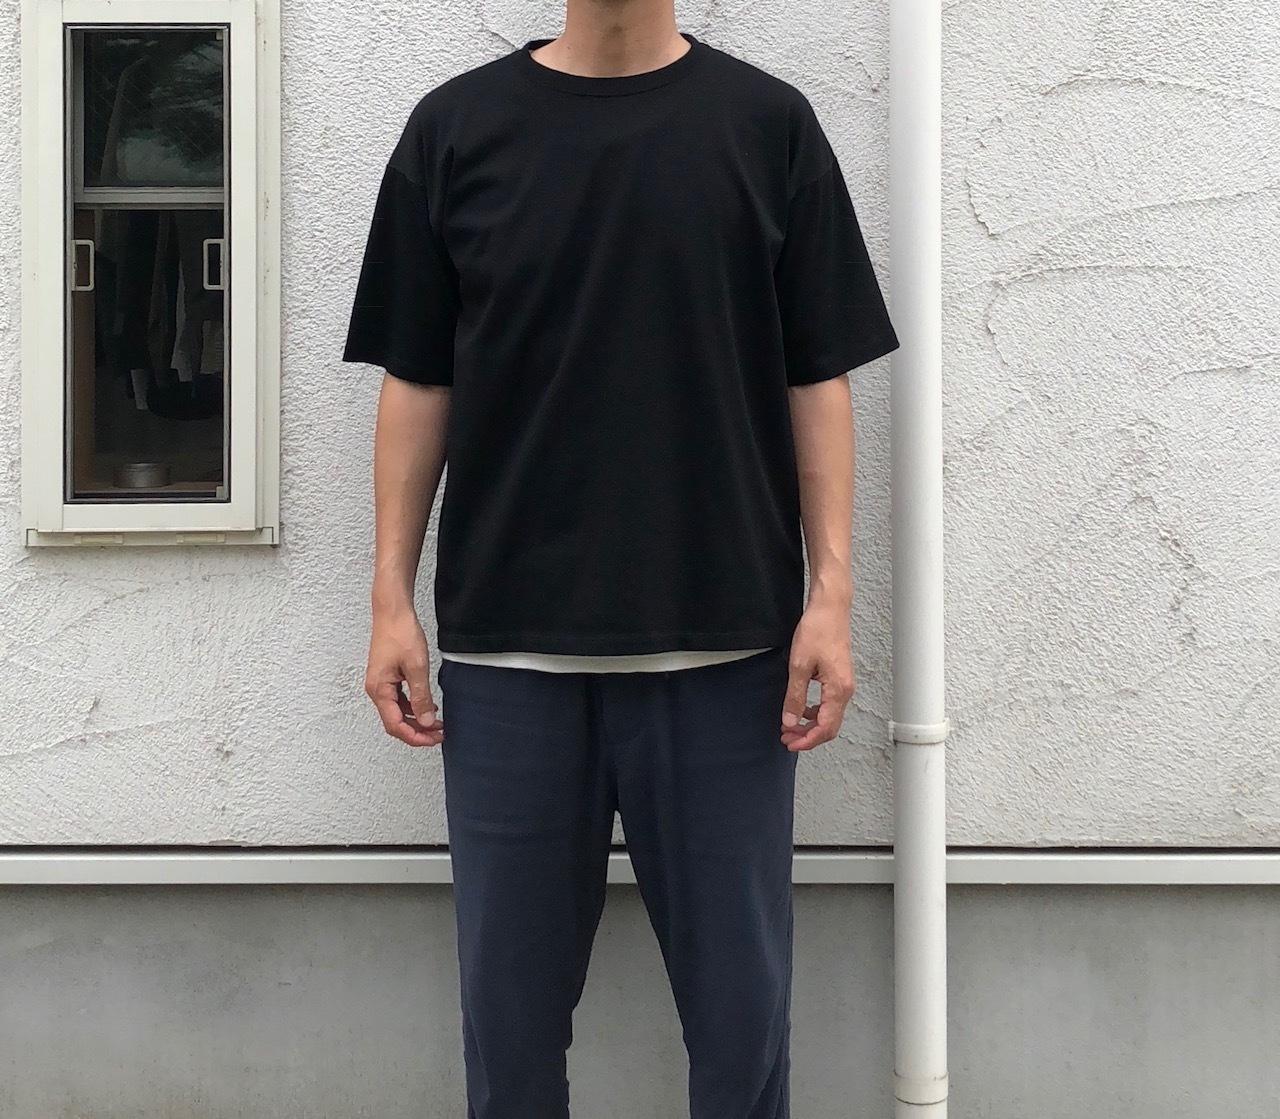 ORDINARY FITS ユニセックス クルーTシャツ_d0334060_16183855.jpg